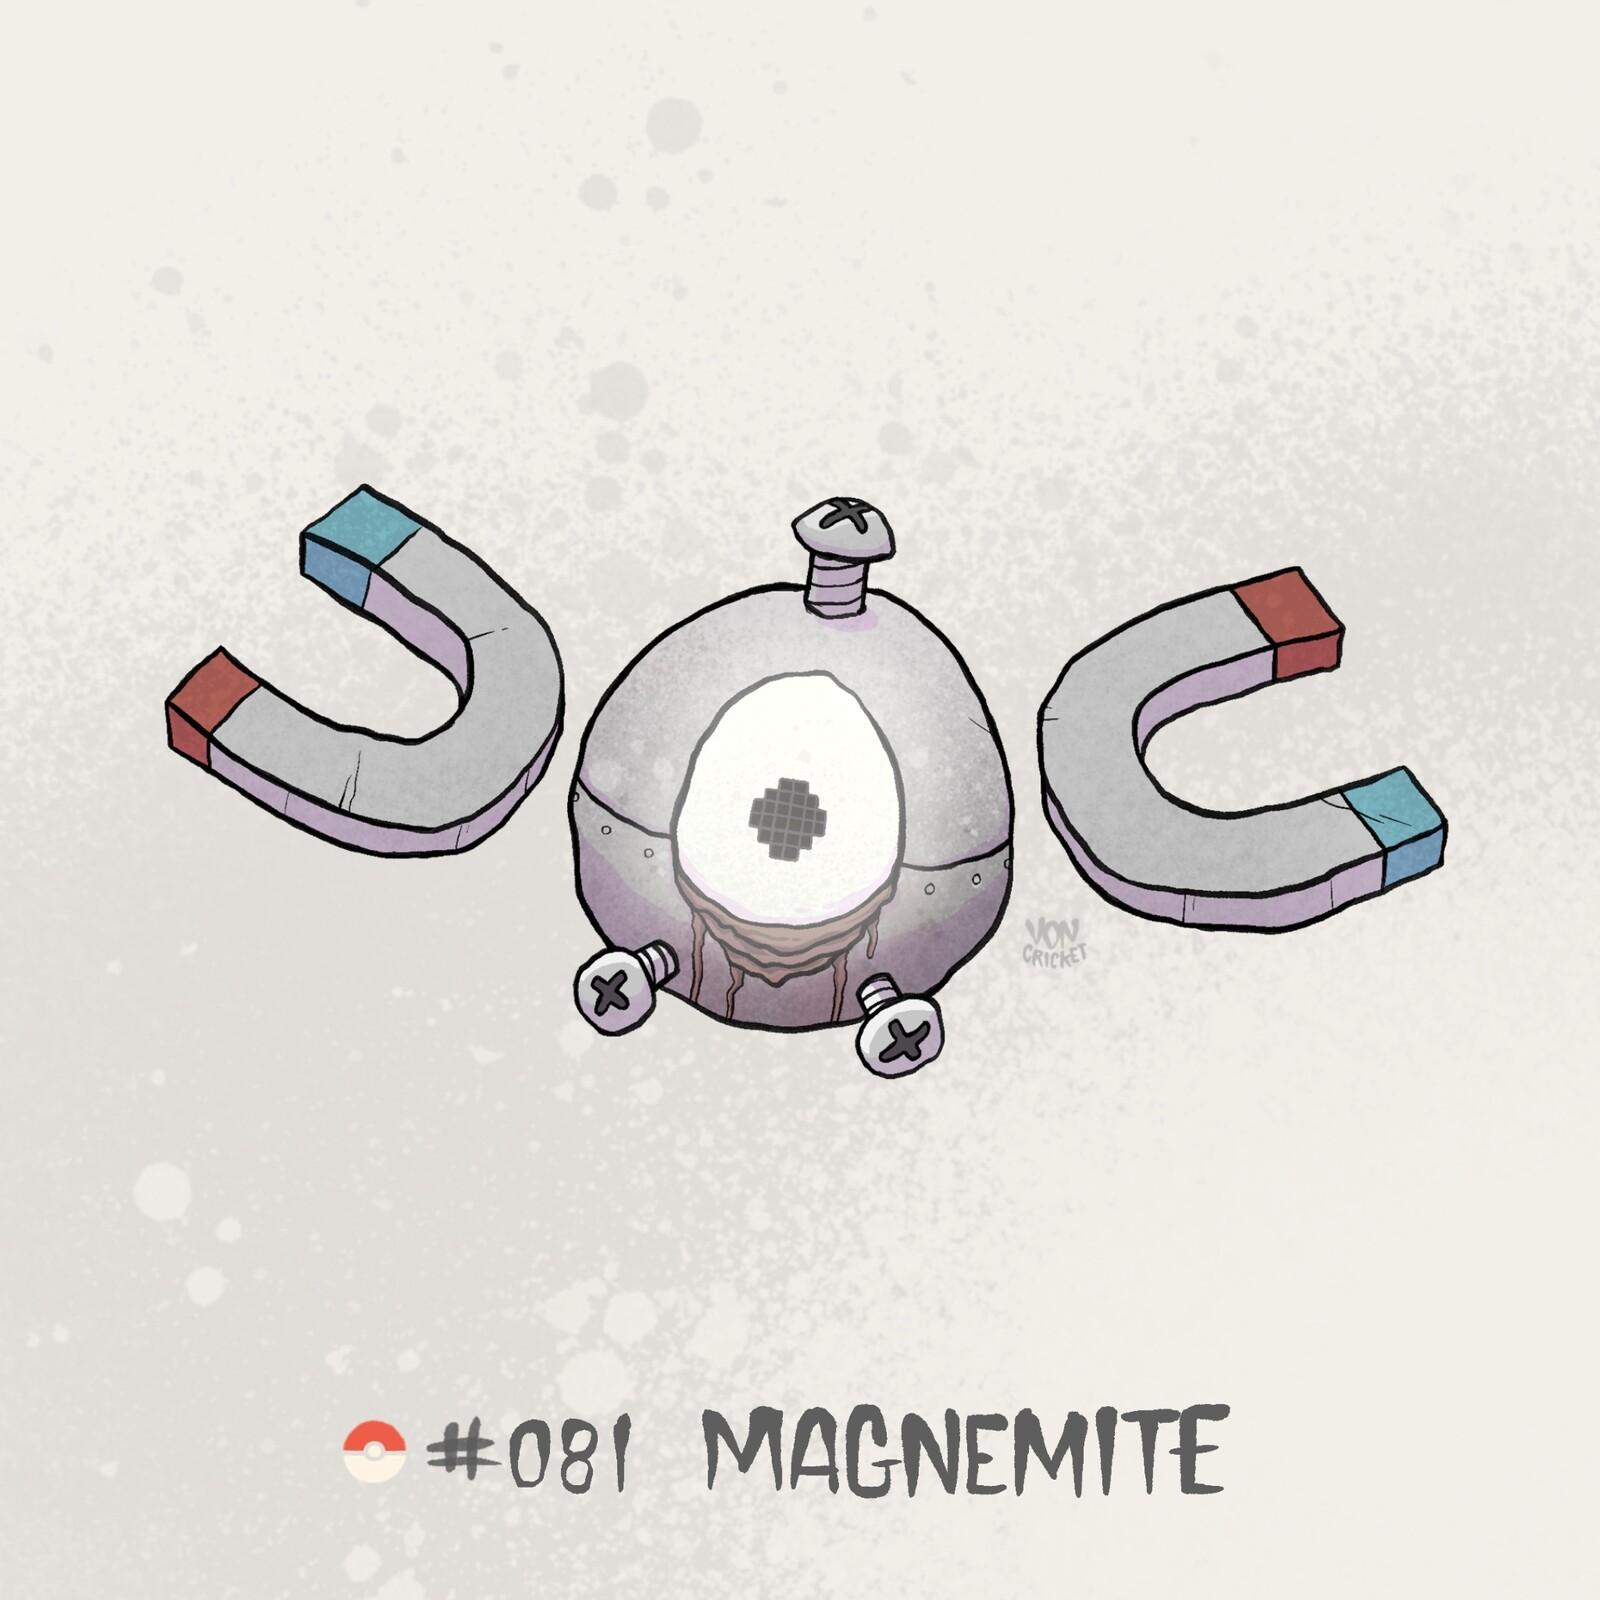 #081 Magnemite